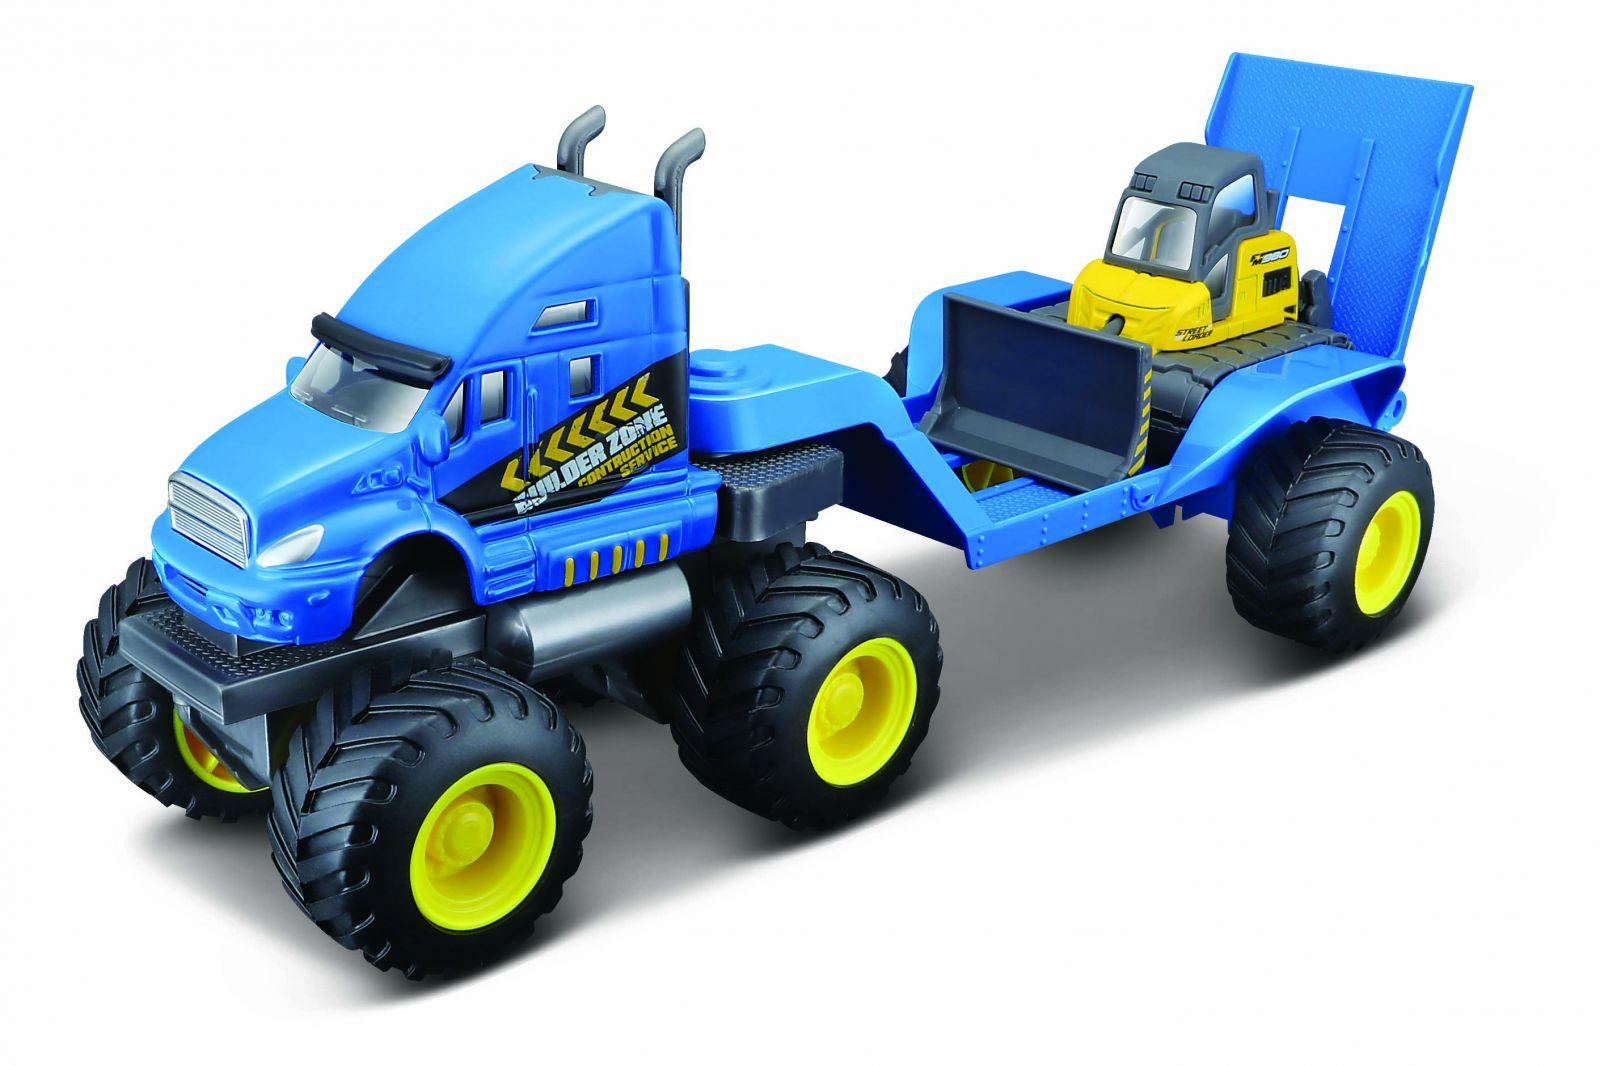 Maisto - tahač s buldozerem na velkých kolech - modrý